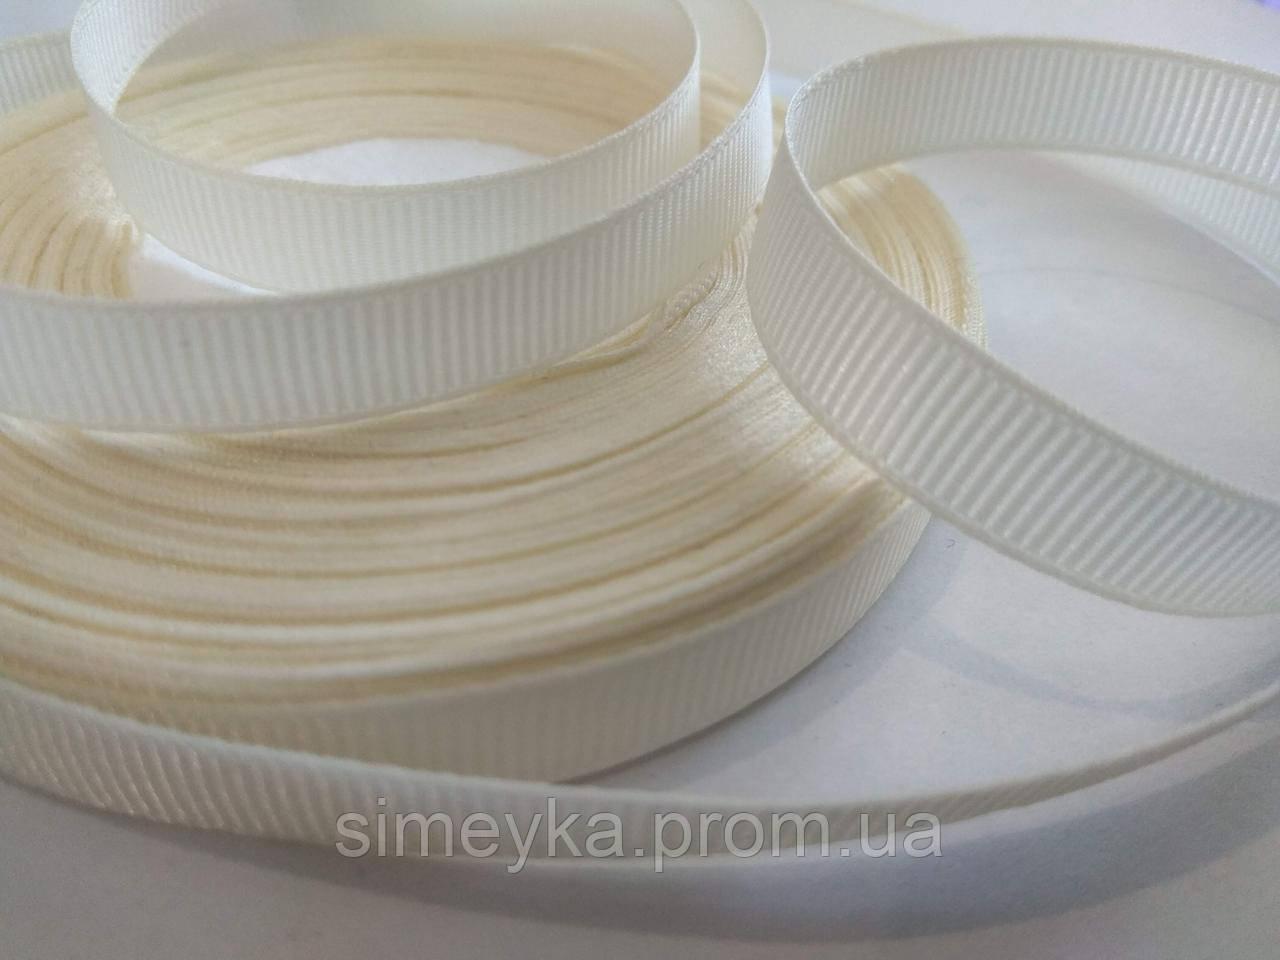 Репсовая лента 1 см. Кремовая (молочная)